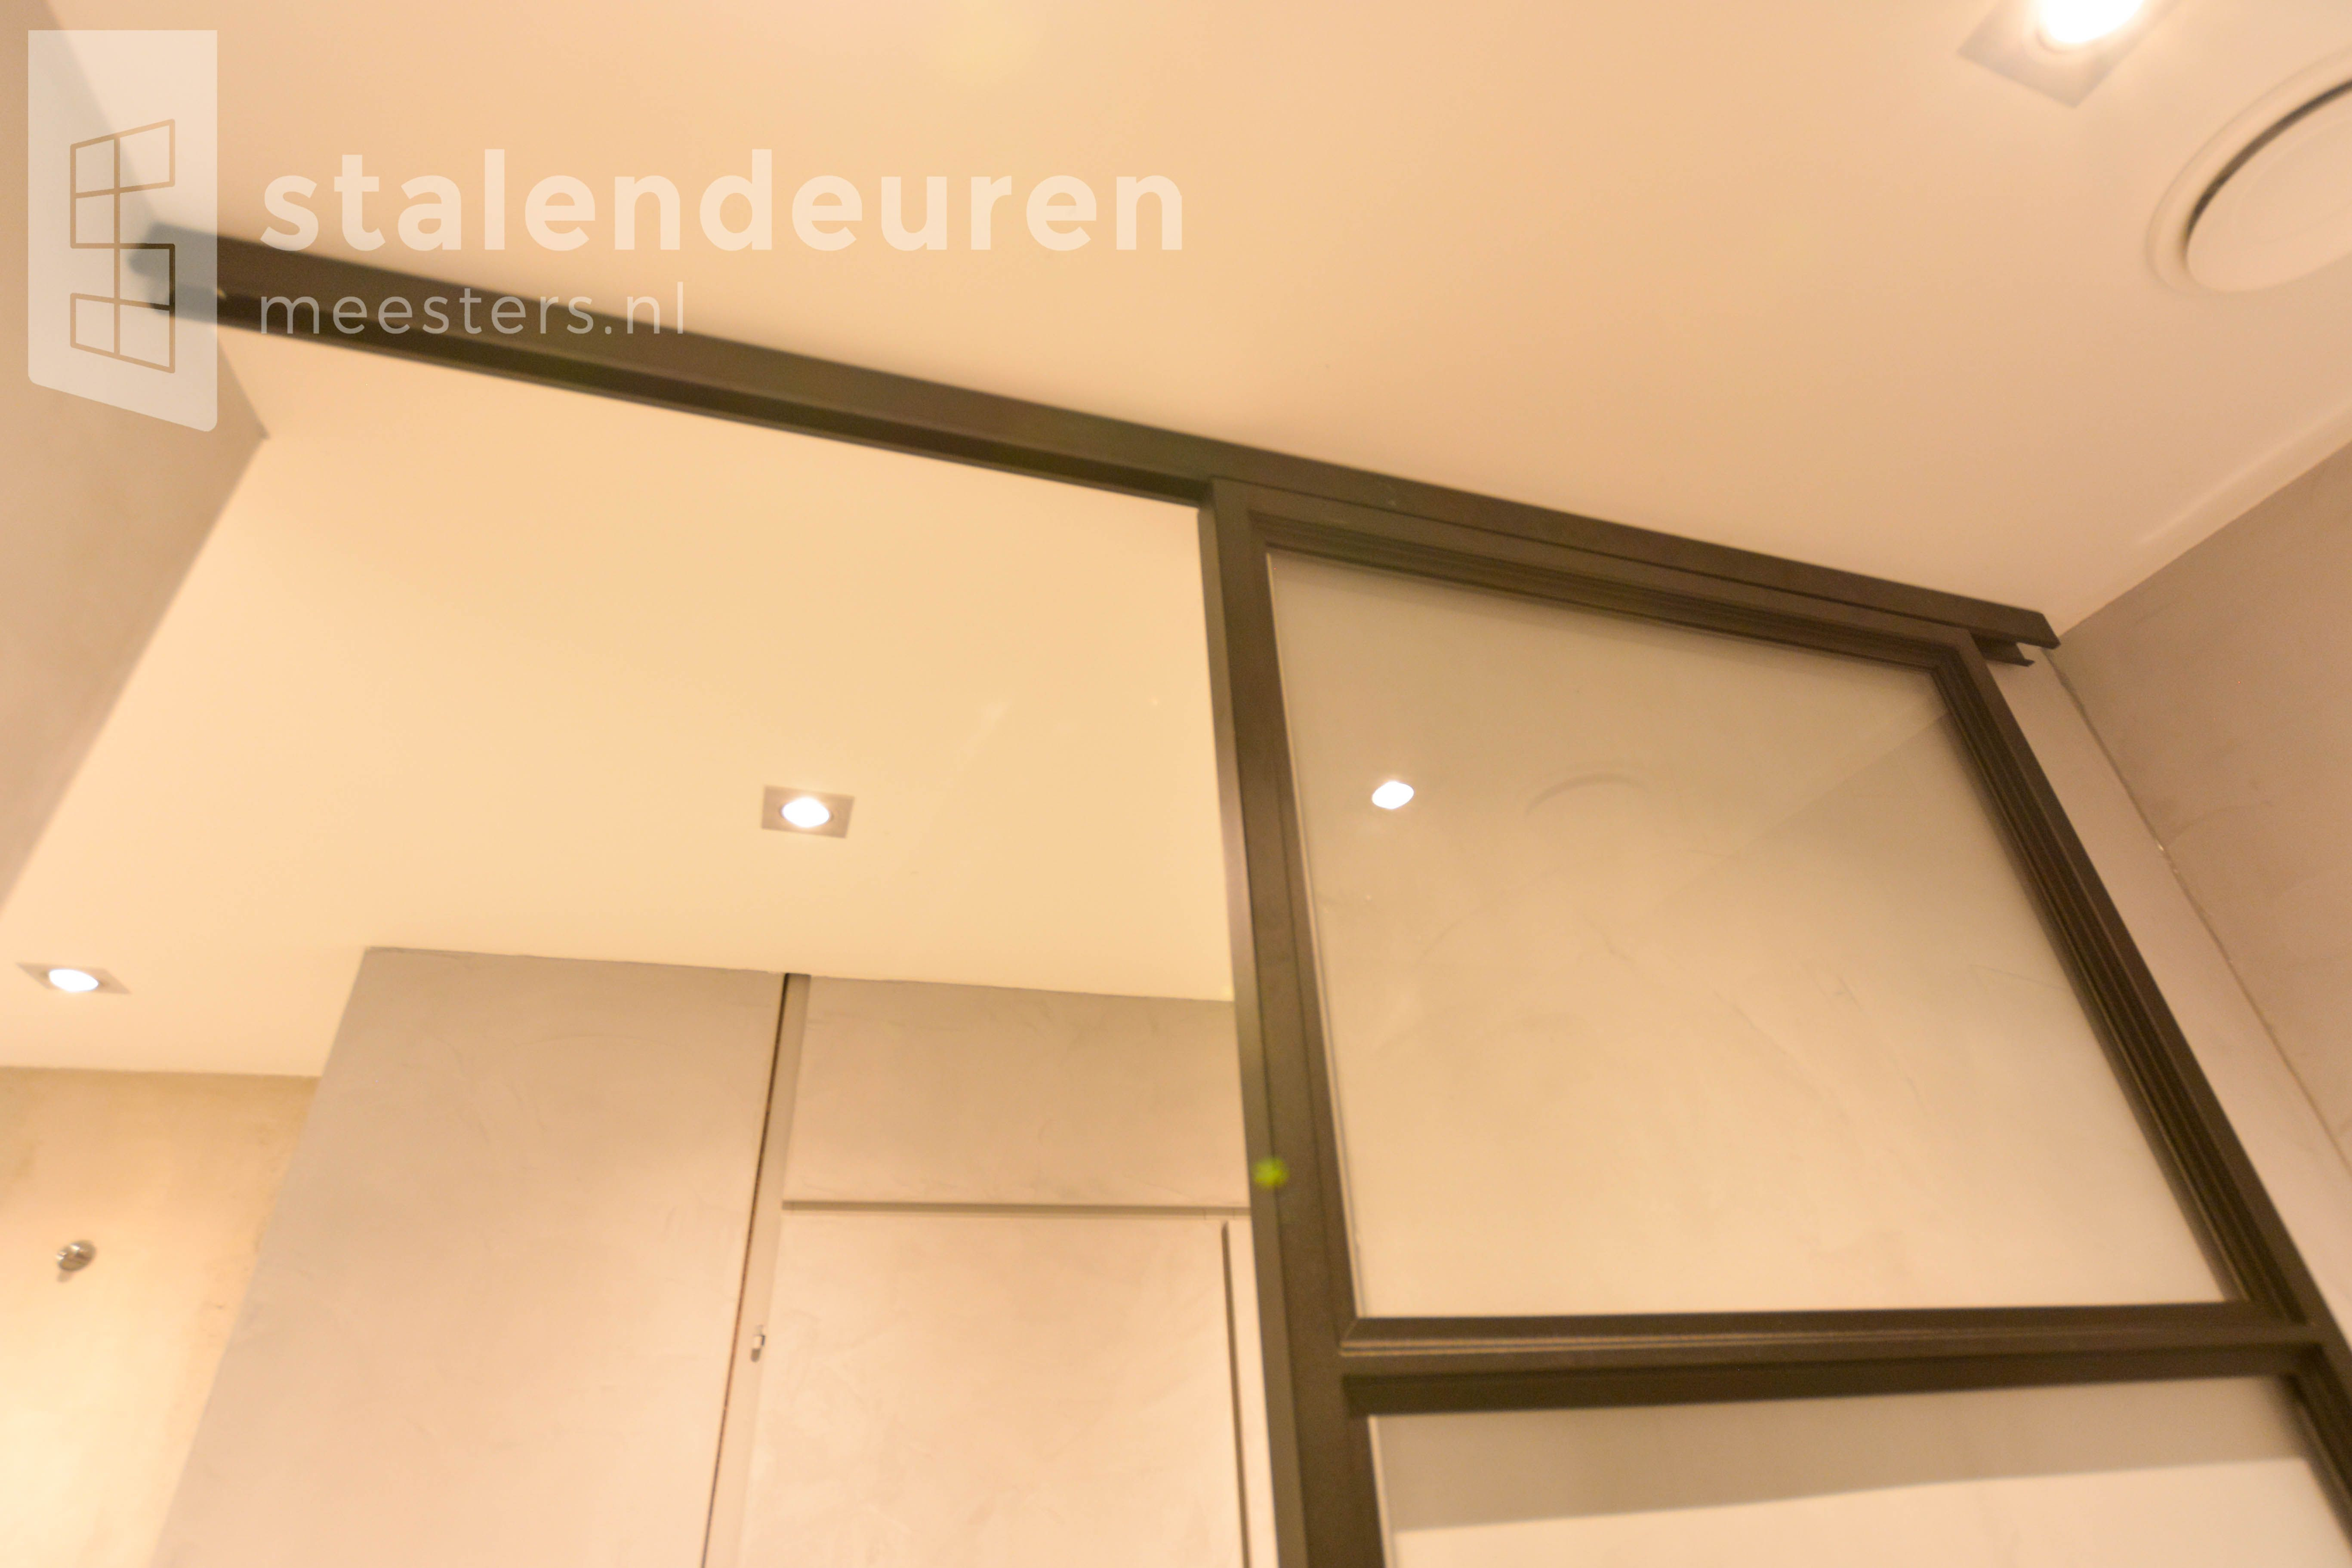 Schuifdeur Voor Badkamer : Stalen schuifdeur voor in de badkamer interieur stalendeuren